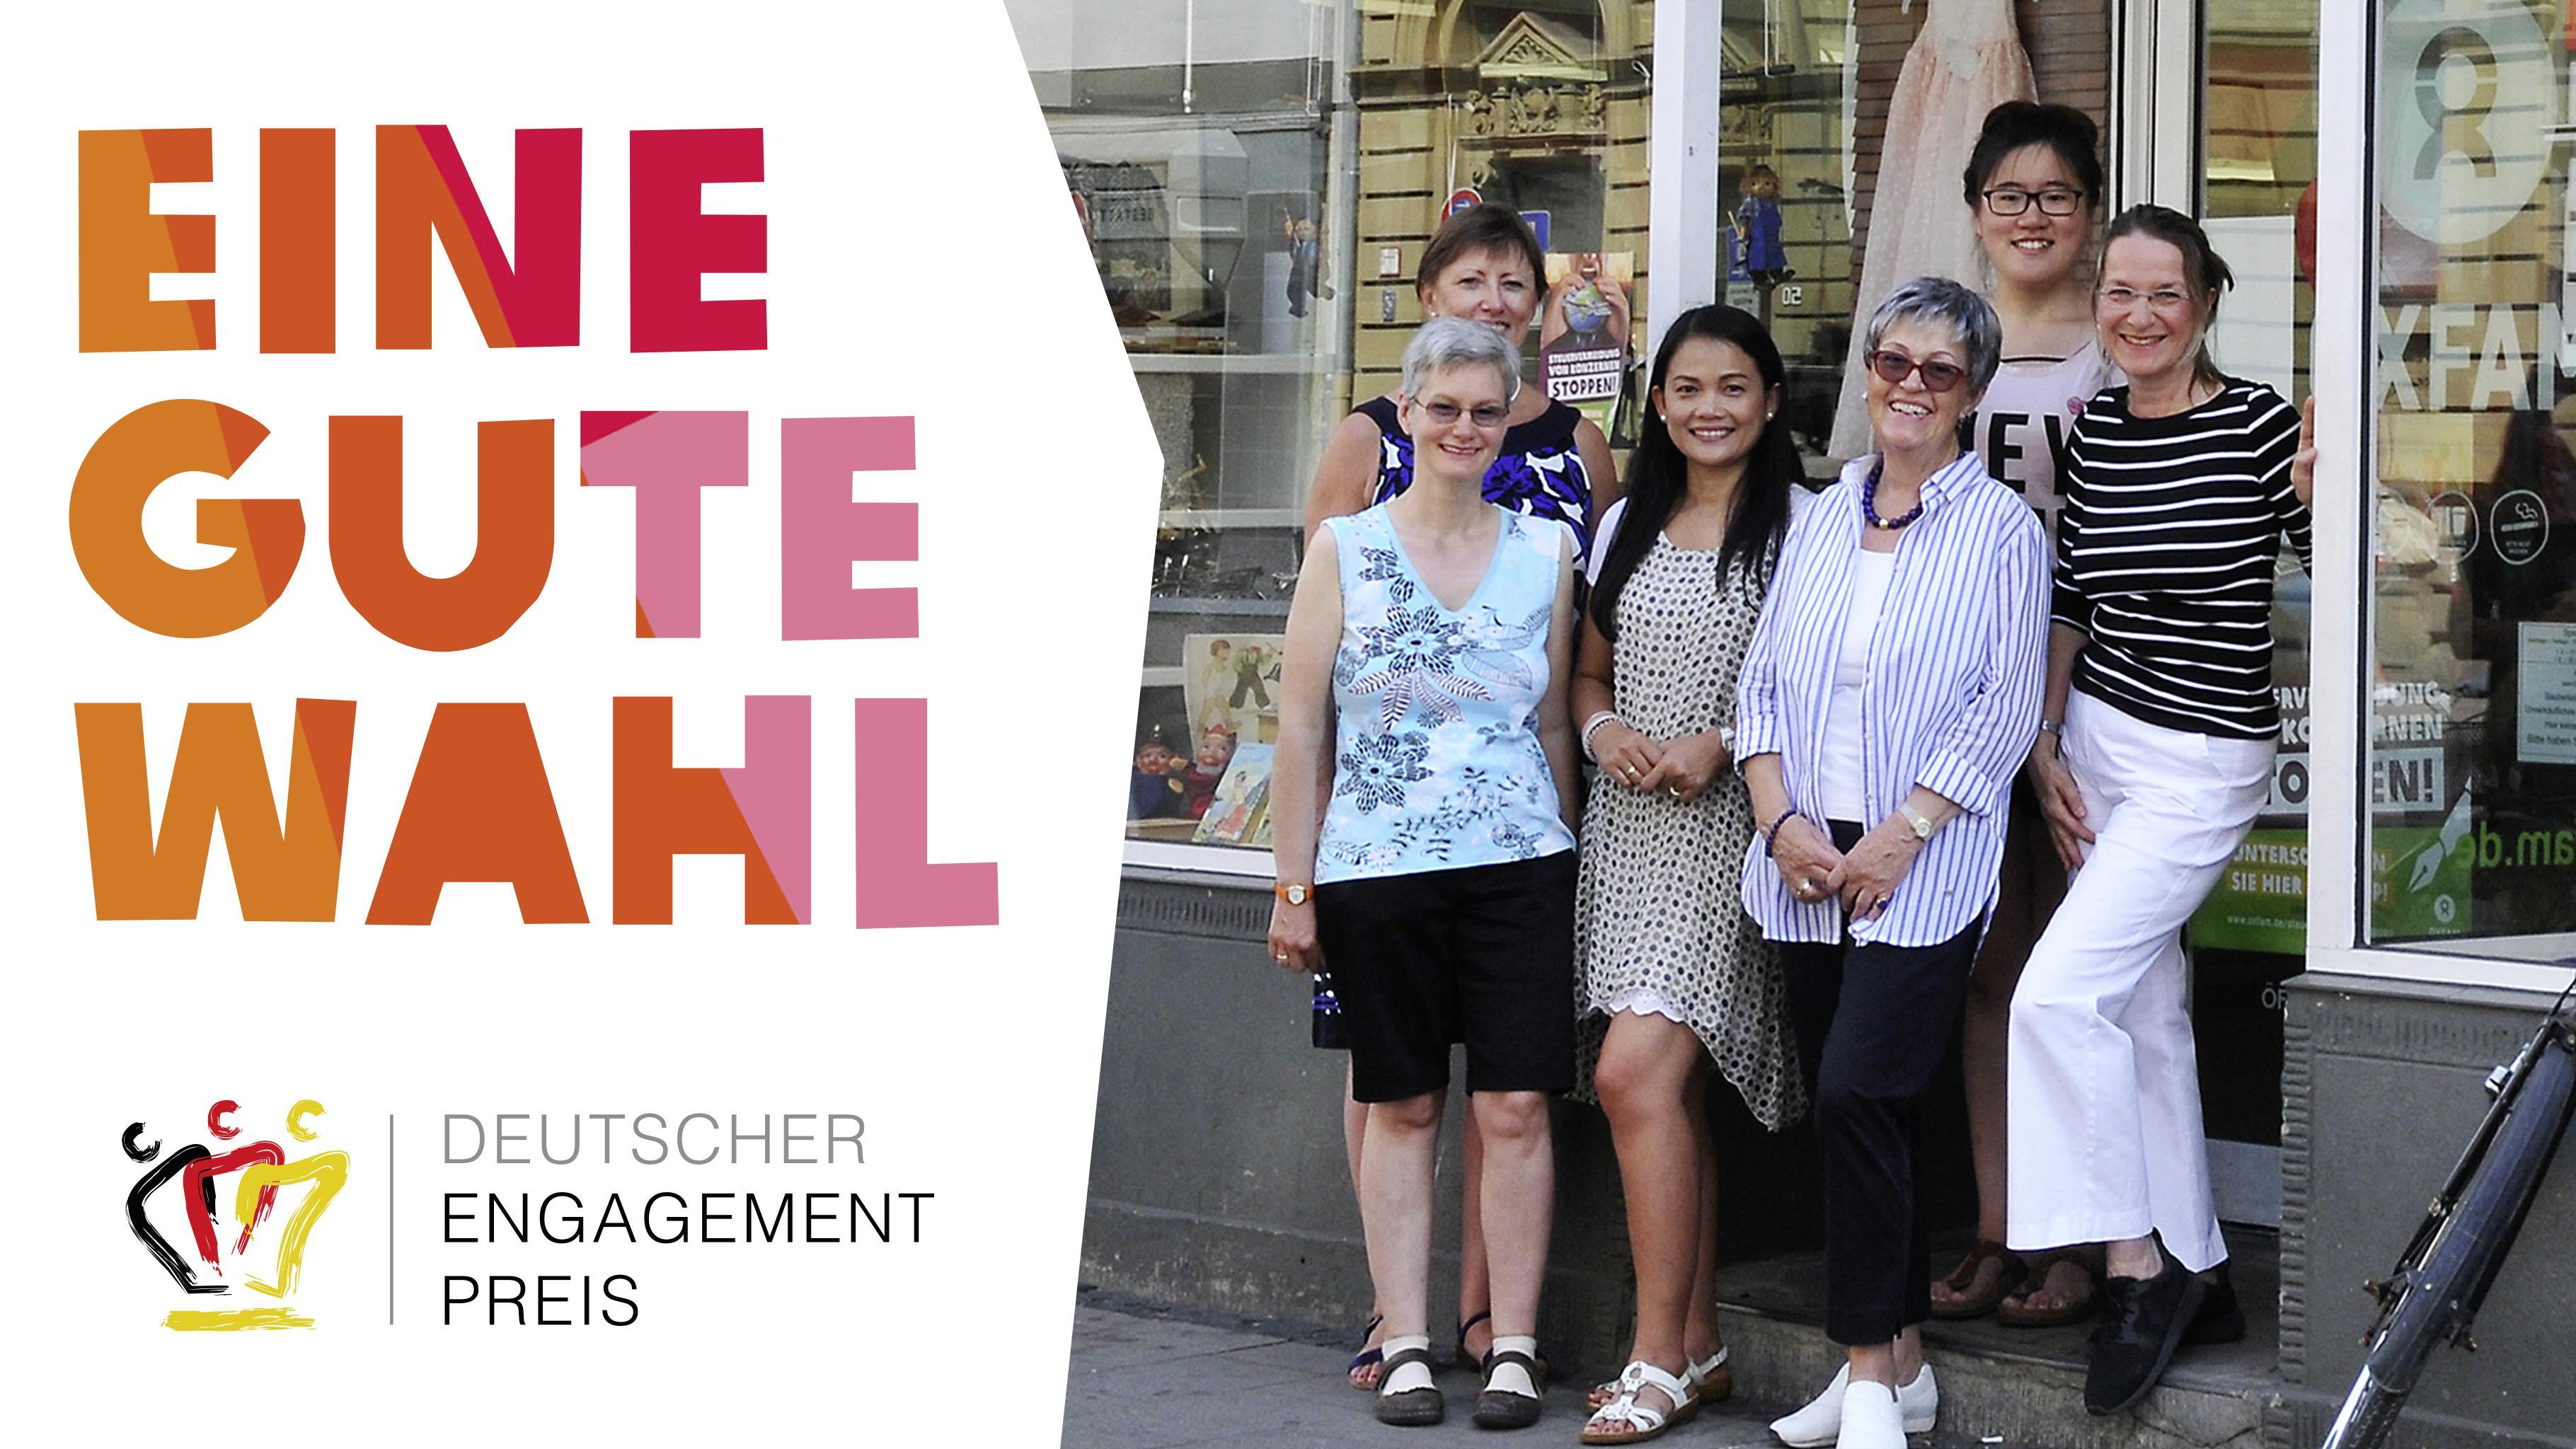 Das Team des Oxfam-Shops Köln-Südstadt – eine gute Wahl für den Deutschen Engagementpreis!